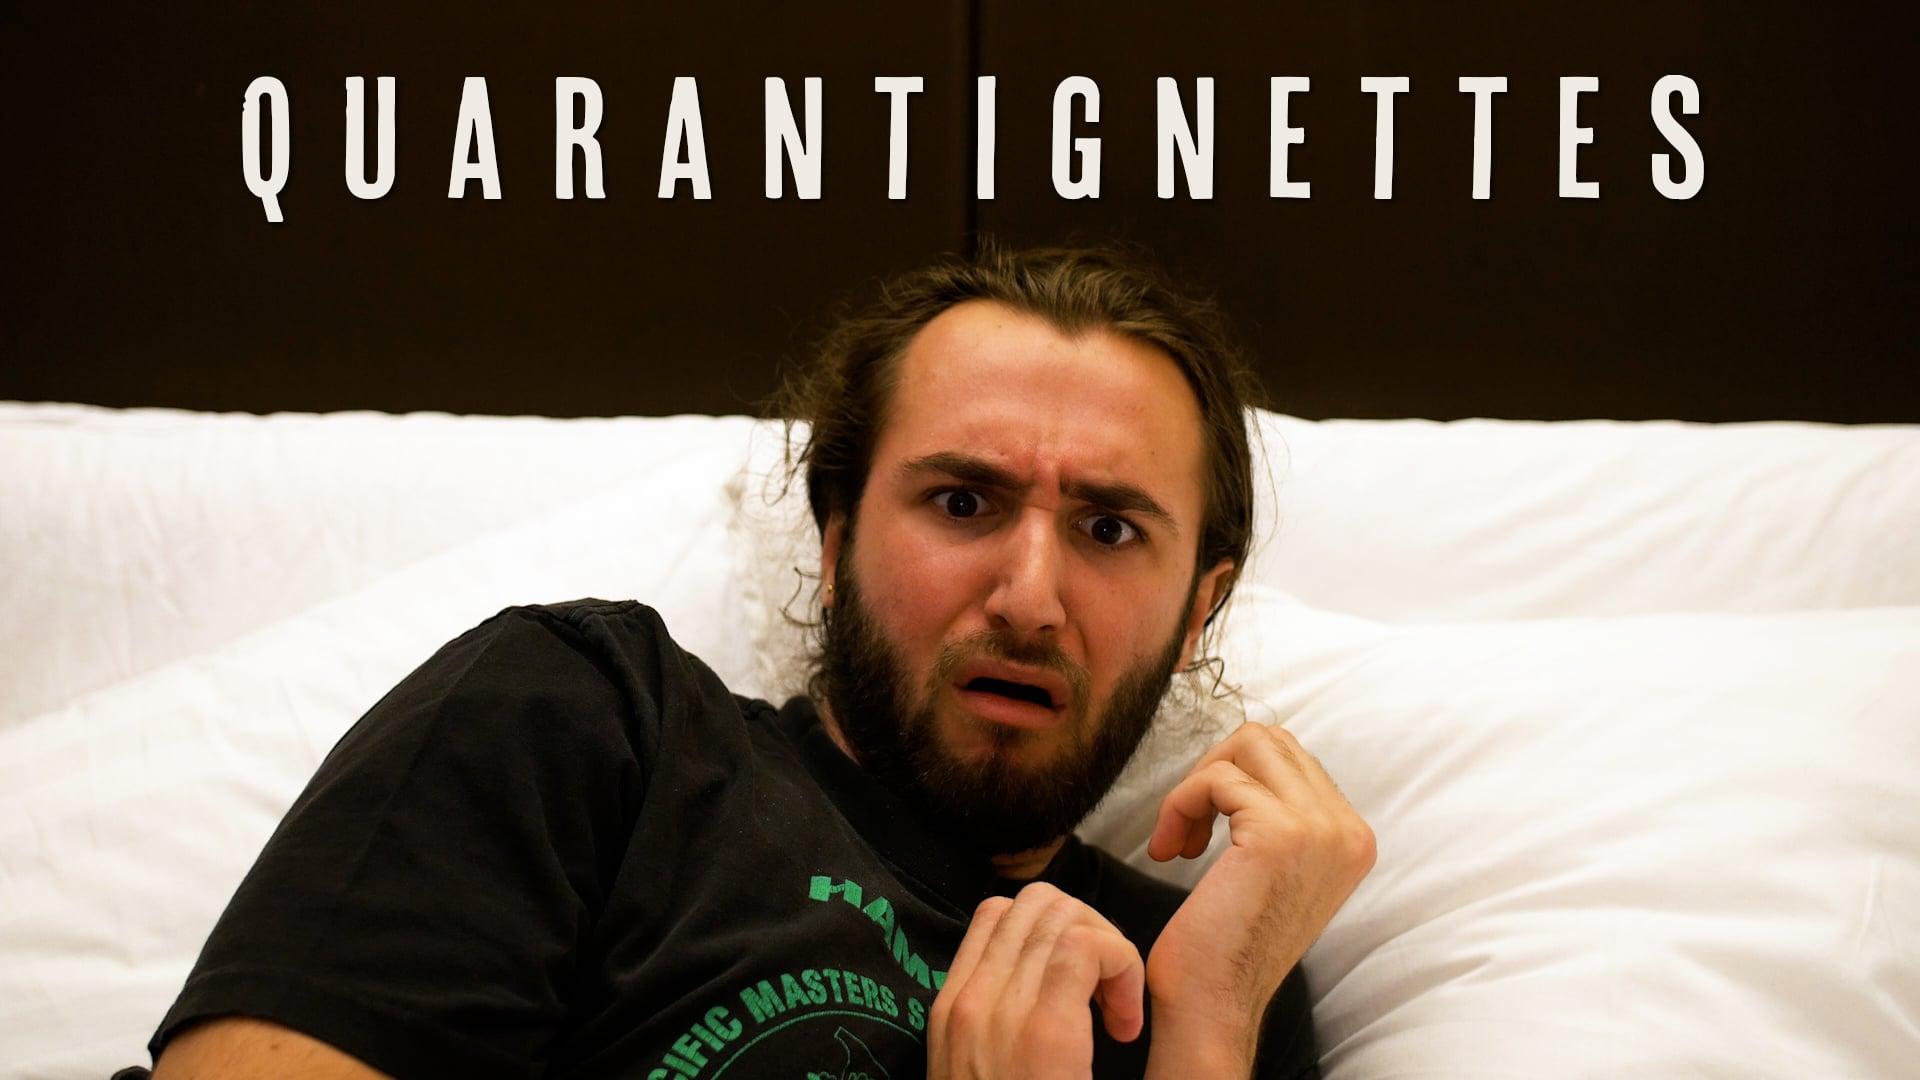 Quarantignettes